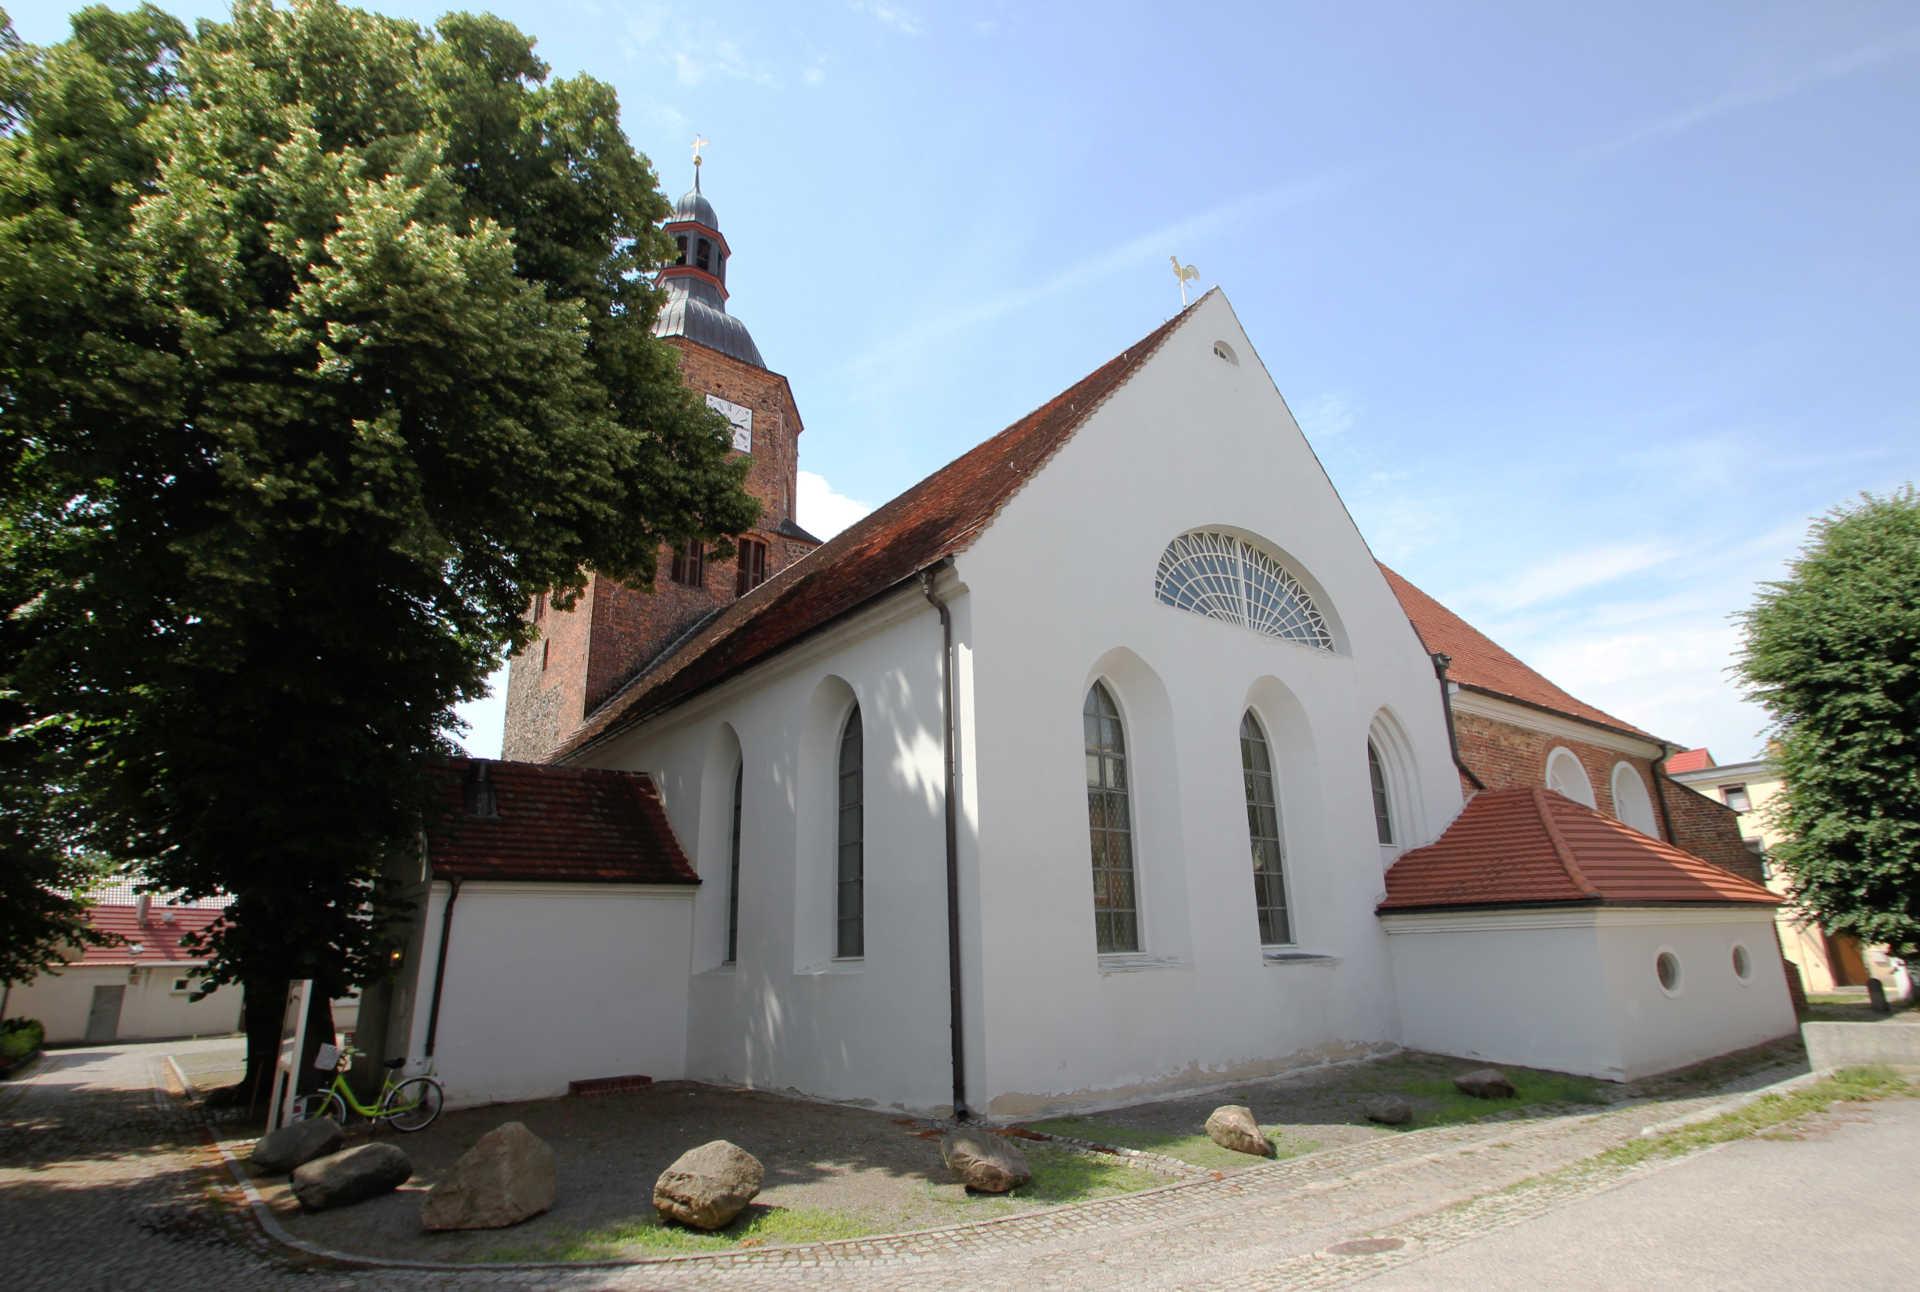 Doppelkirche in Vetschau/Spreewald, Foto: Stefan Laske